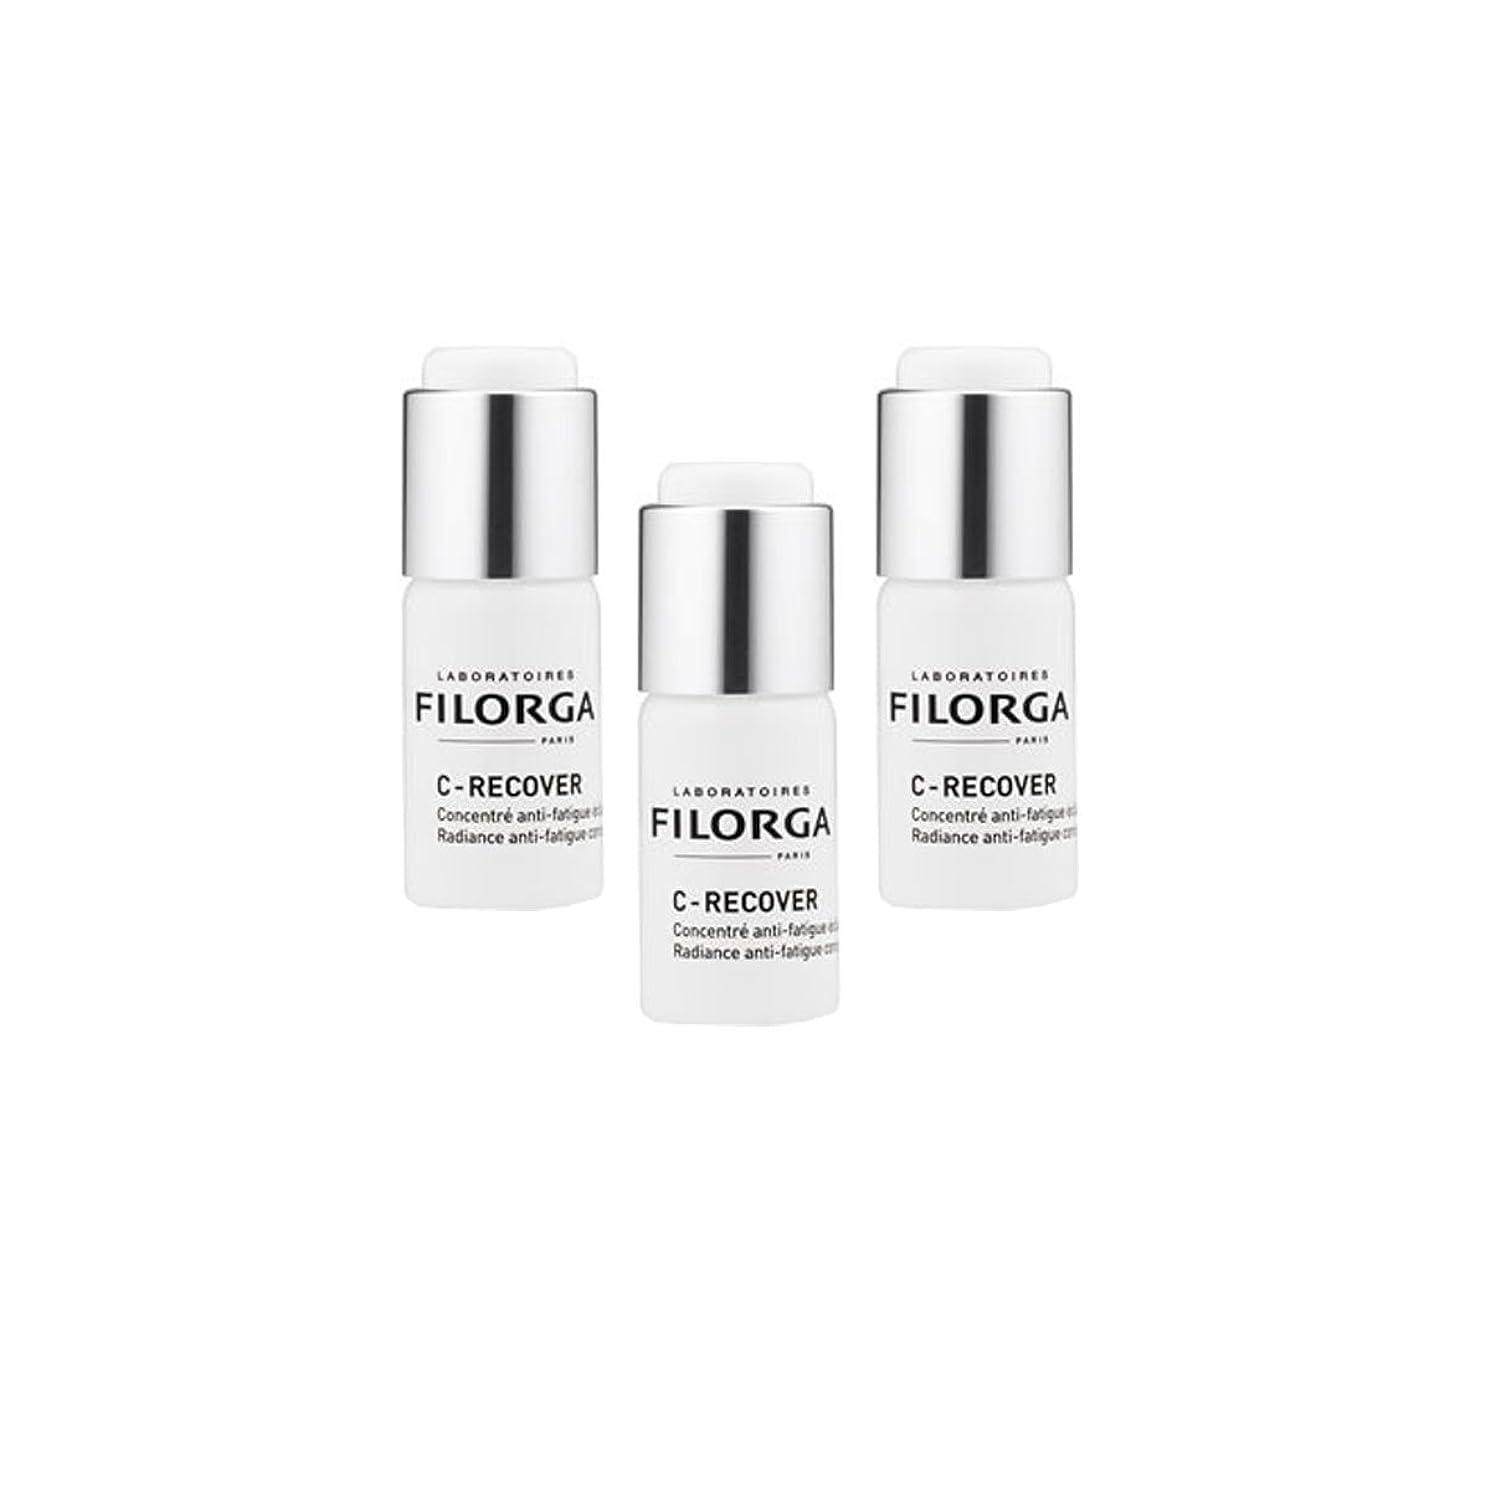 Filorga C-recover 3x10ml [並行輸入品]